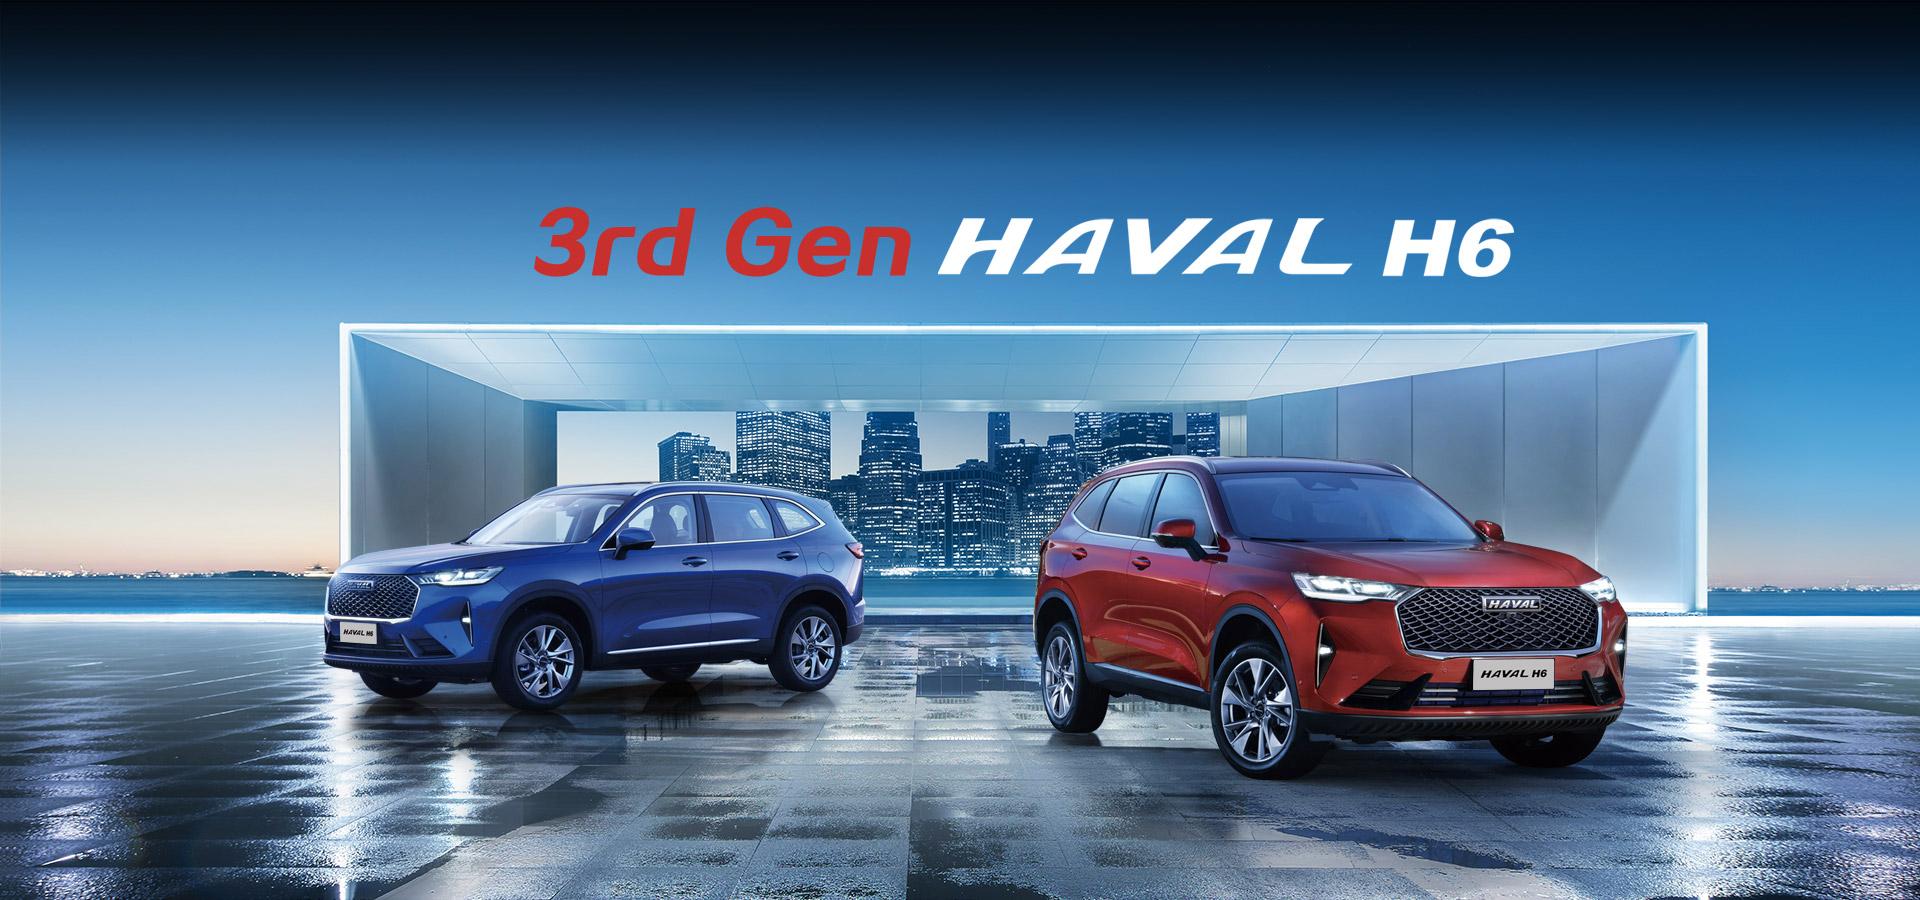 HAVAL H6 3rd Gen